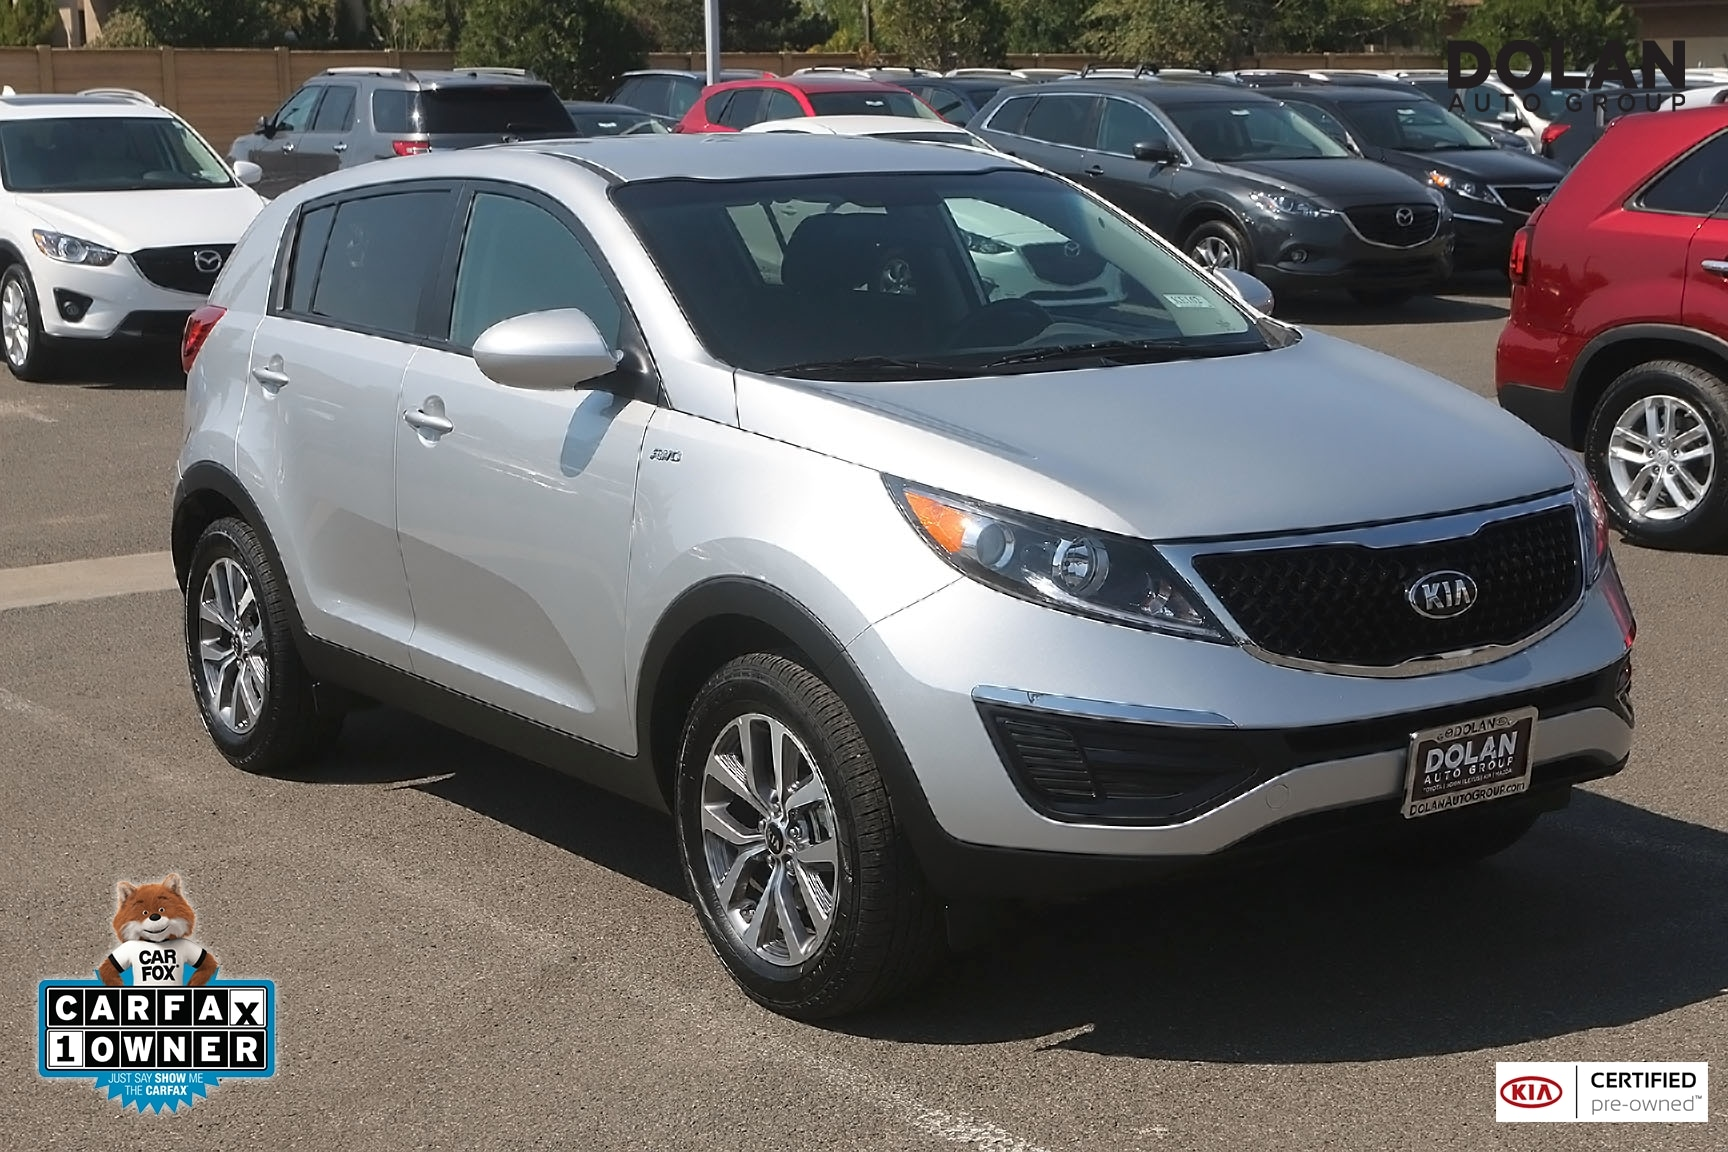 Used Kia for Sale in Reno Dolan Auto Group